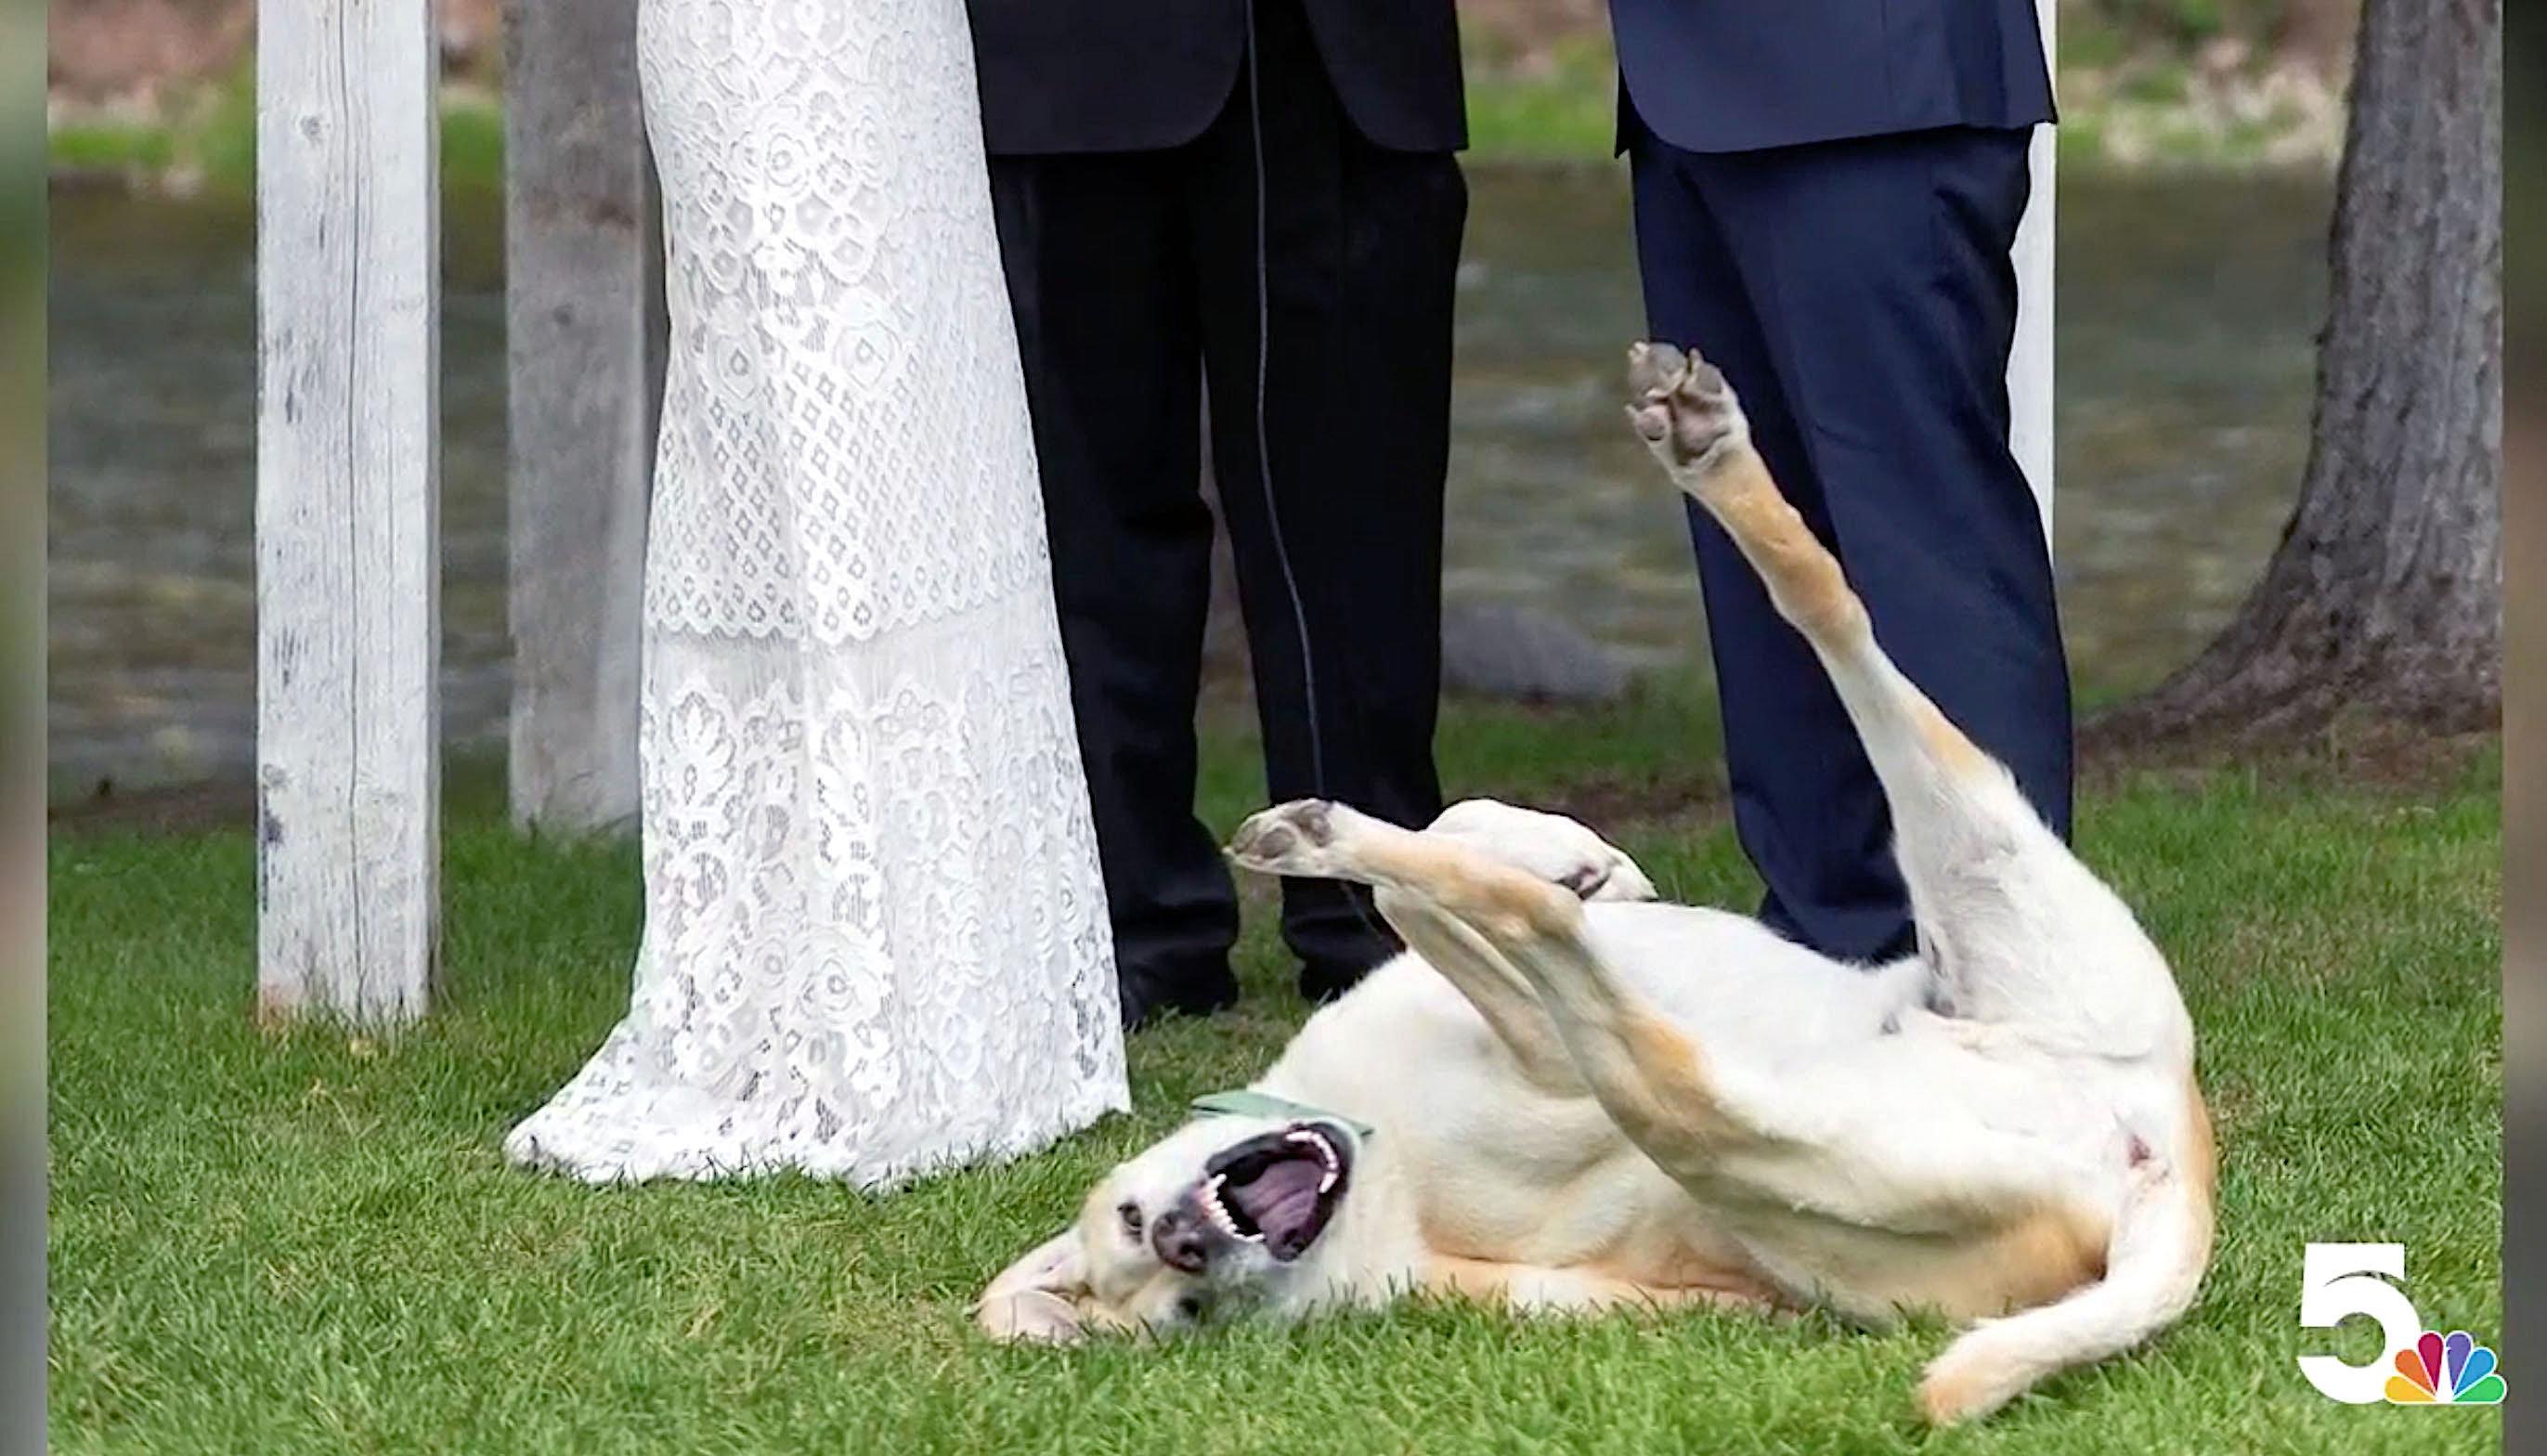 Boone enjoyed the wedding of Angie and Jayce Blumberg